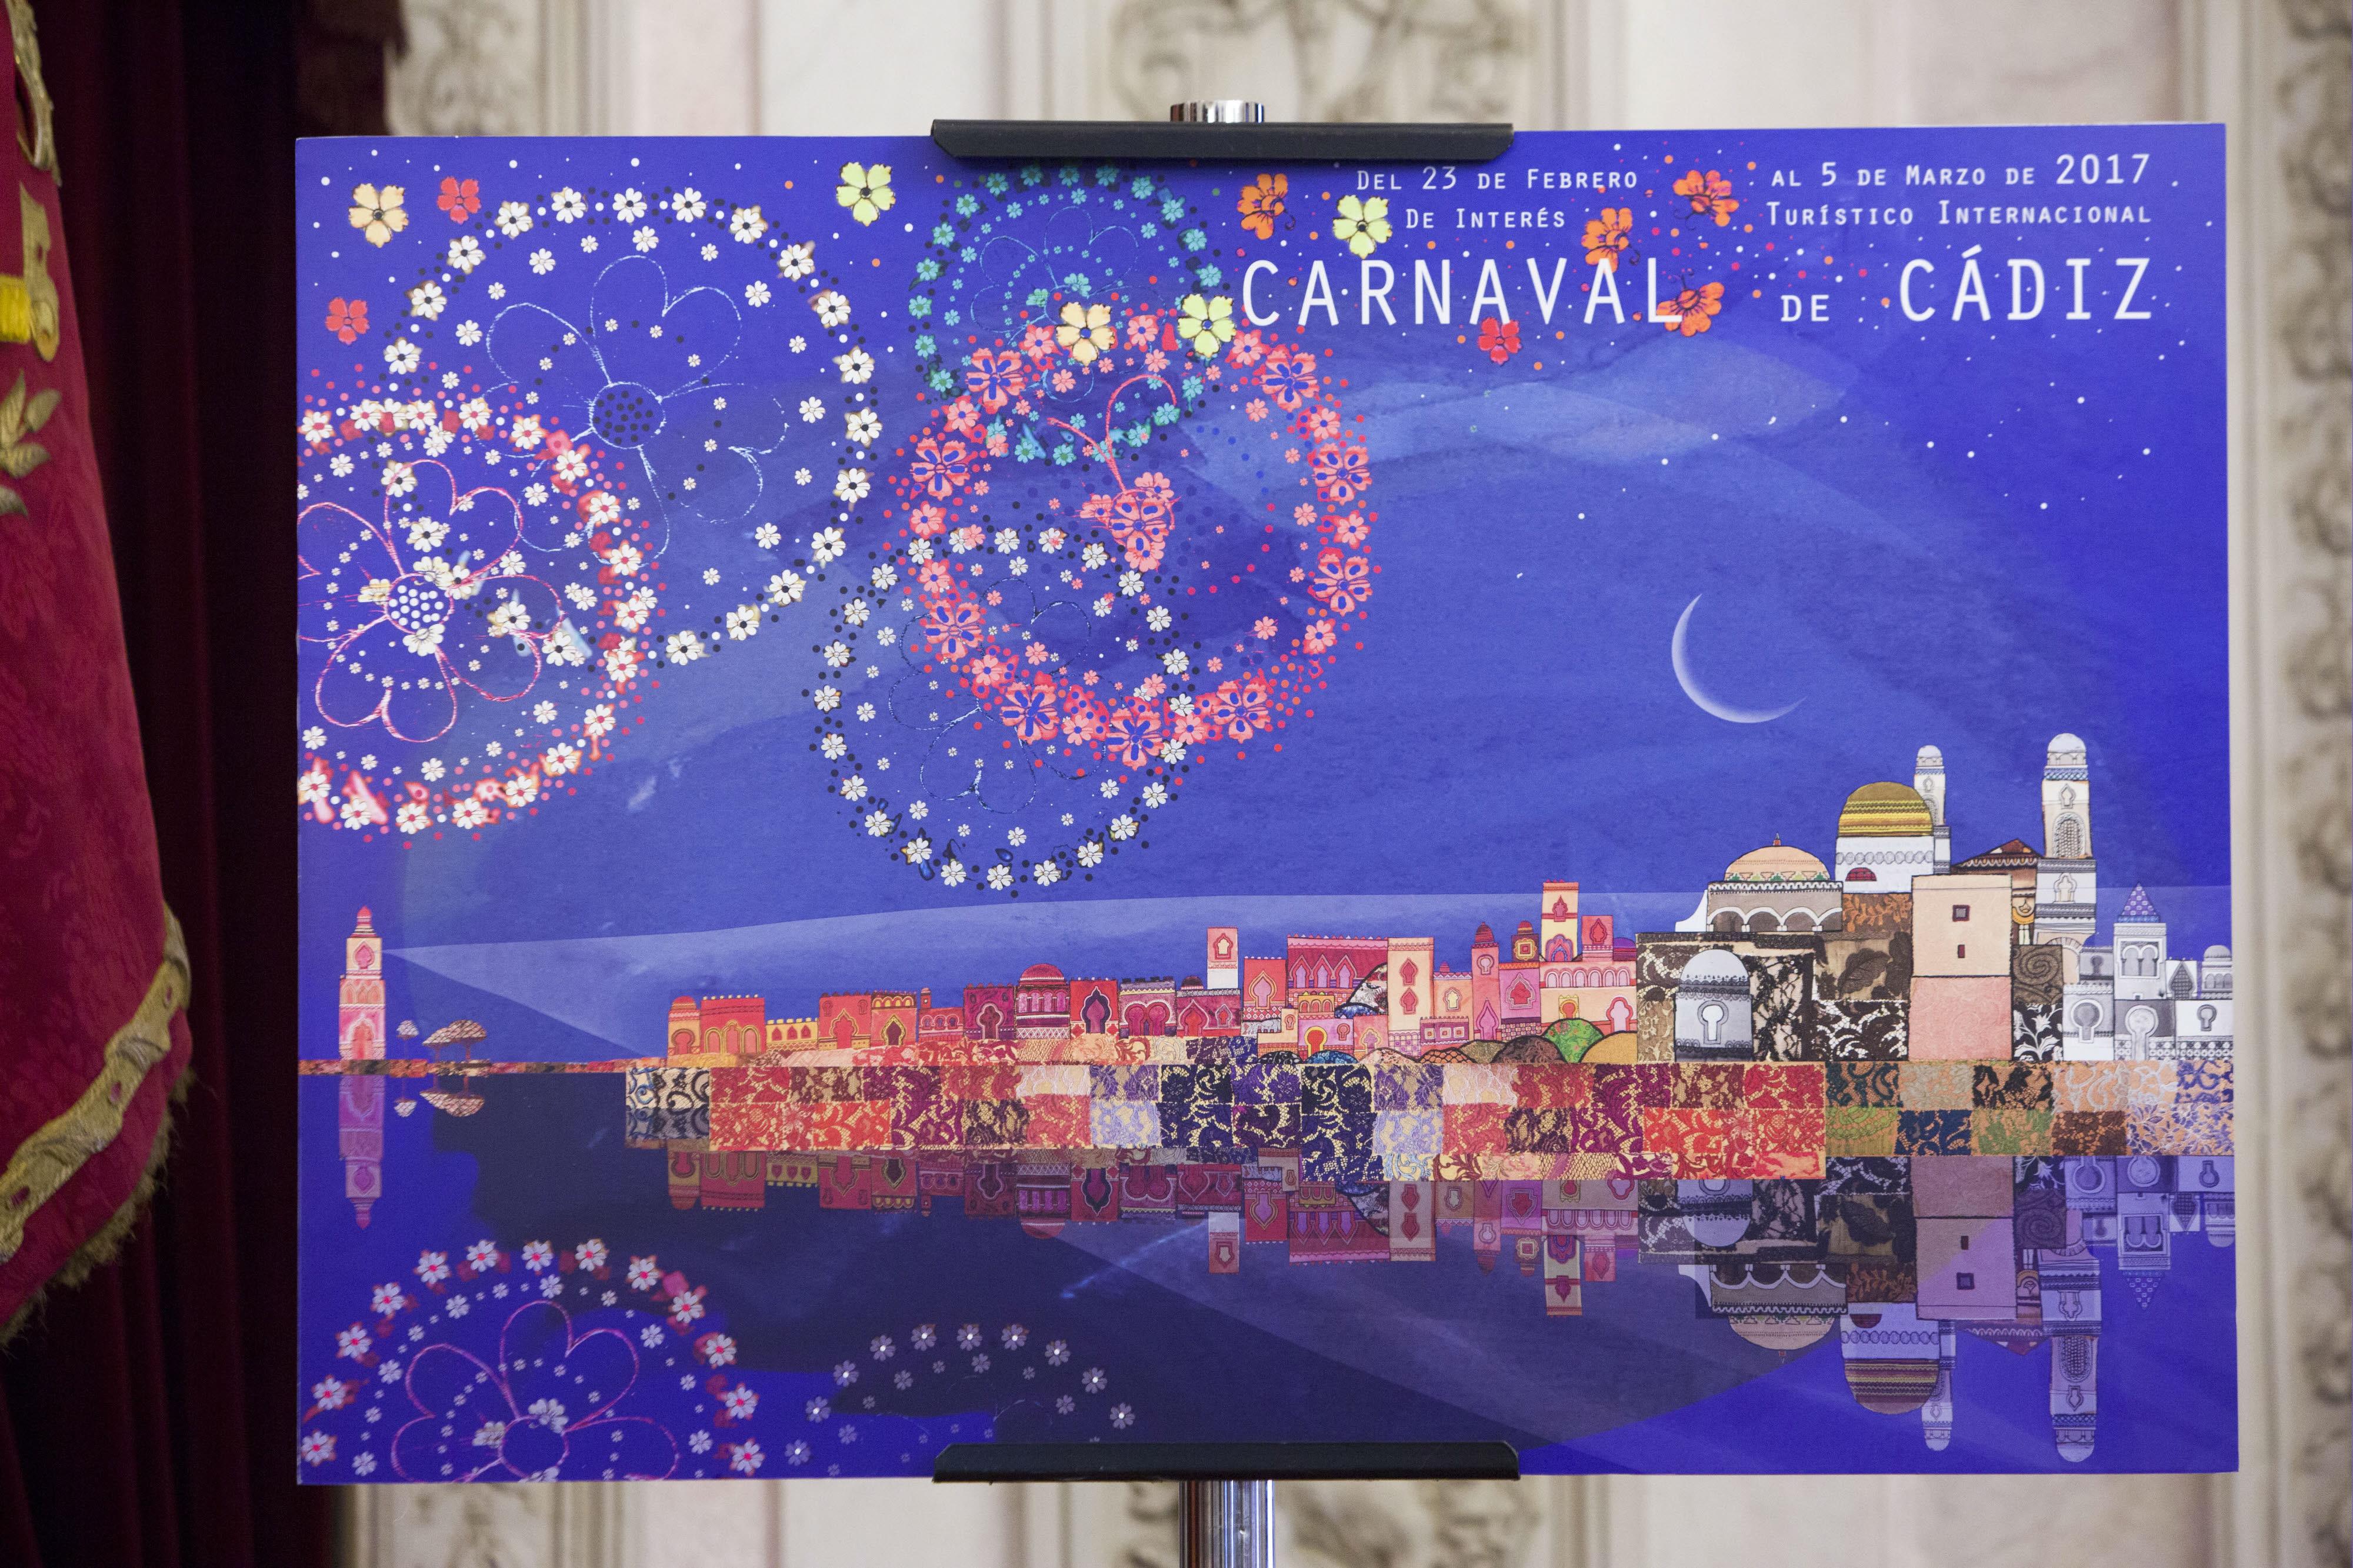 Los nacidos o empadronados en Cádiz podrán votar de forma presencial su cartel favorito para anunciar el carnaval